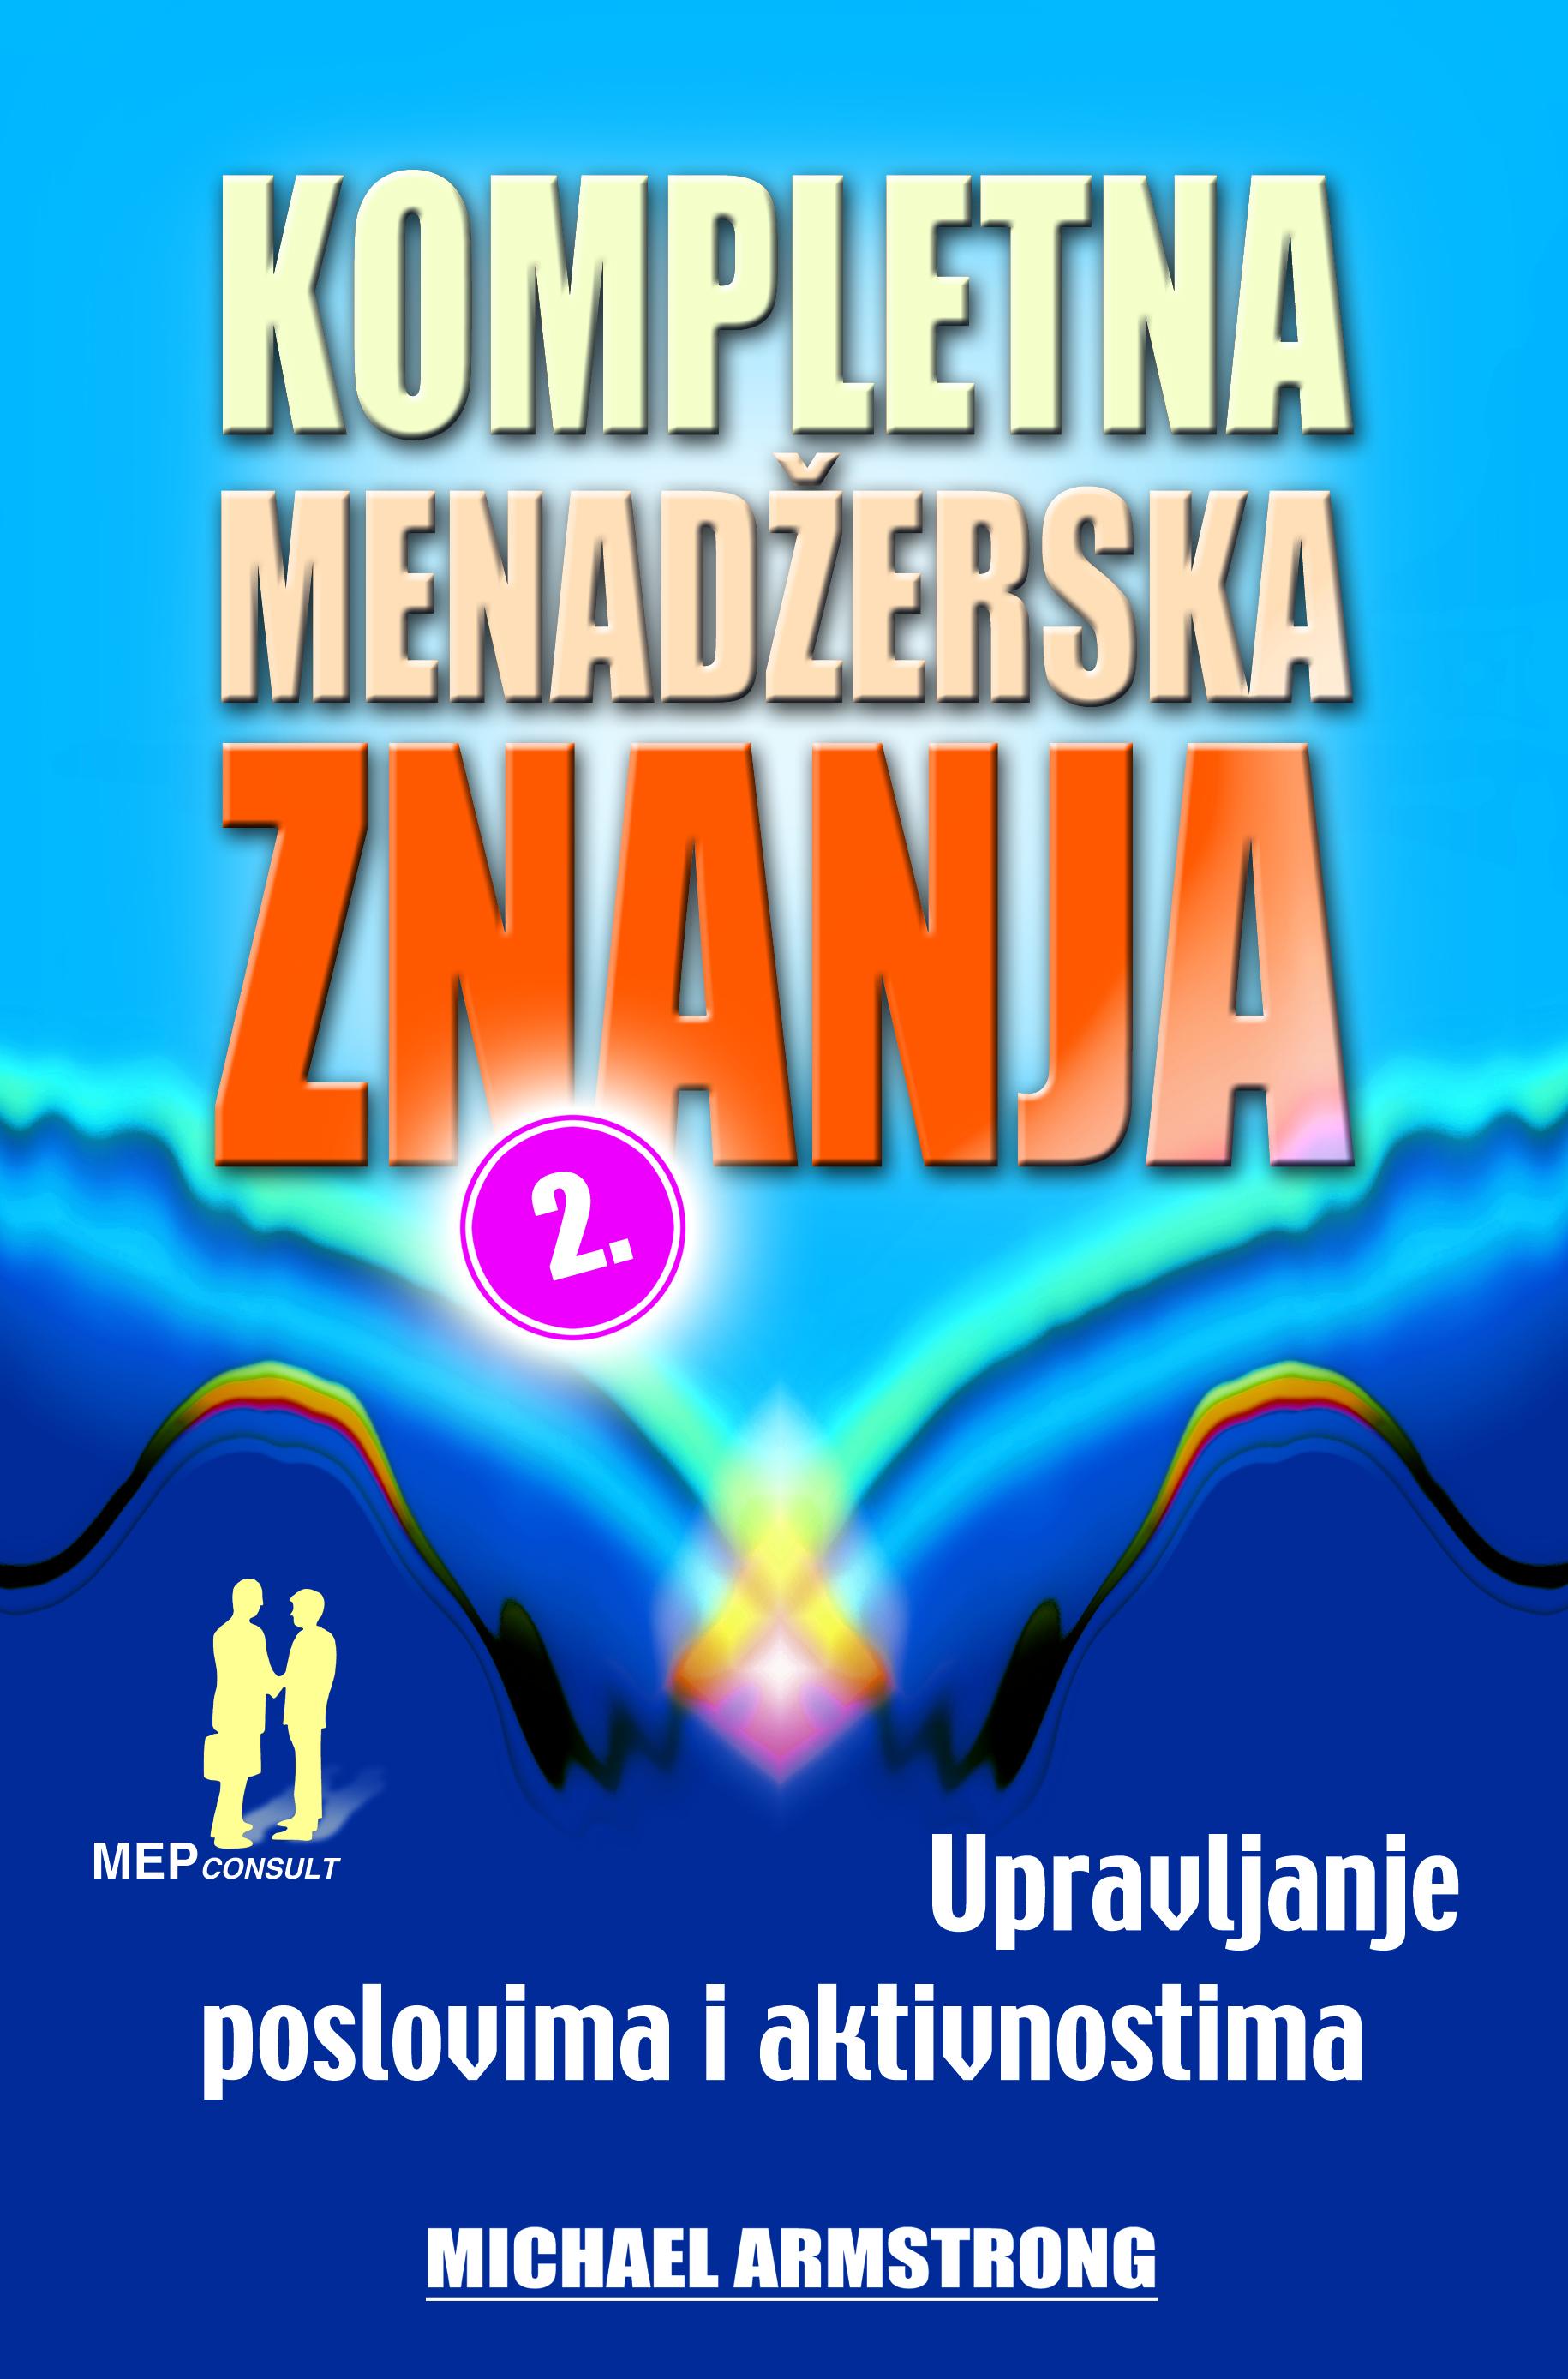 KOMPLETNA MENADŽERSKA ZNANJA, II - Naruči svoju knjigu